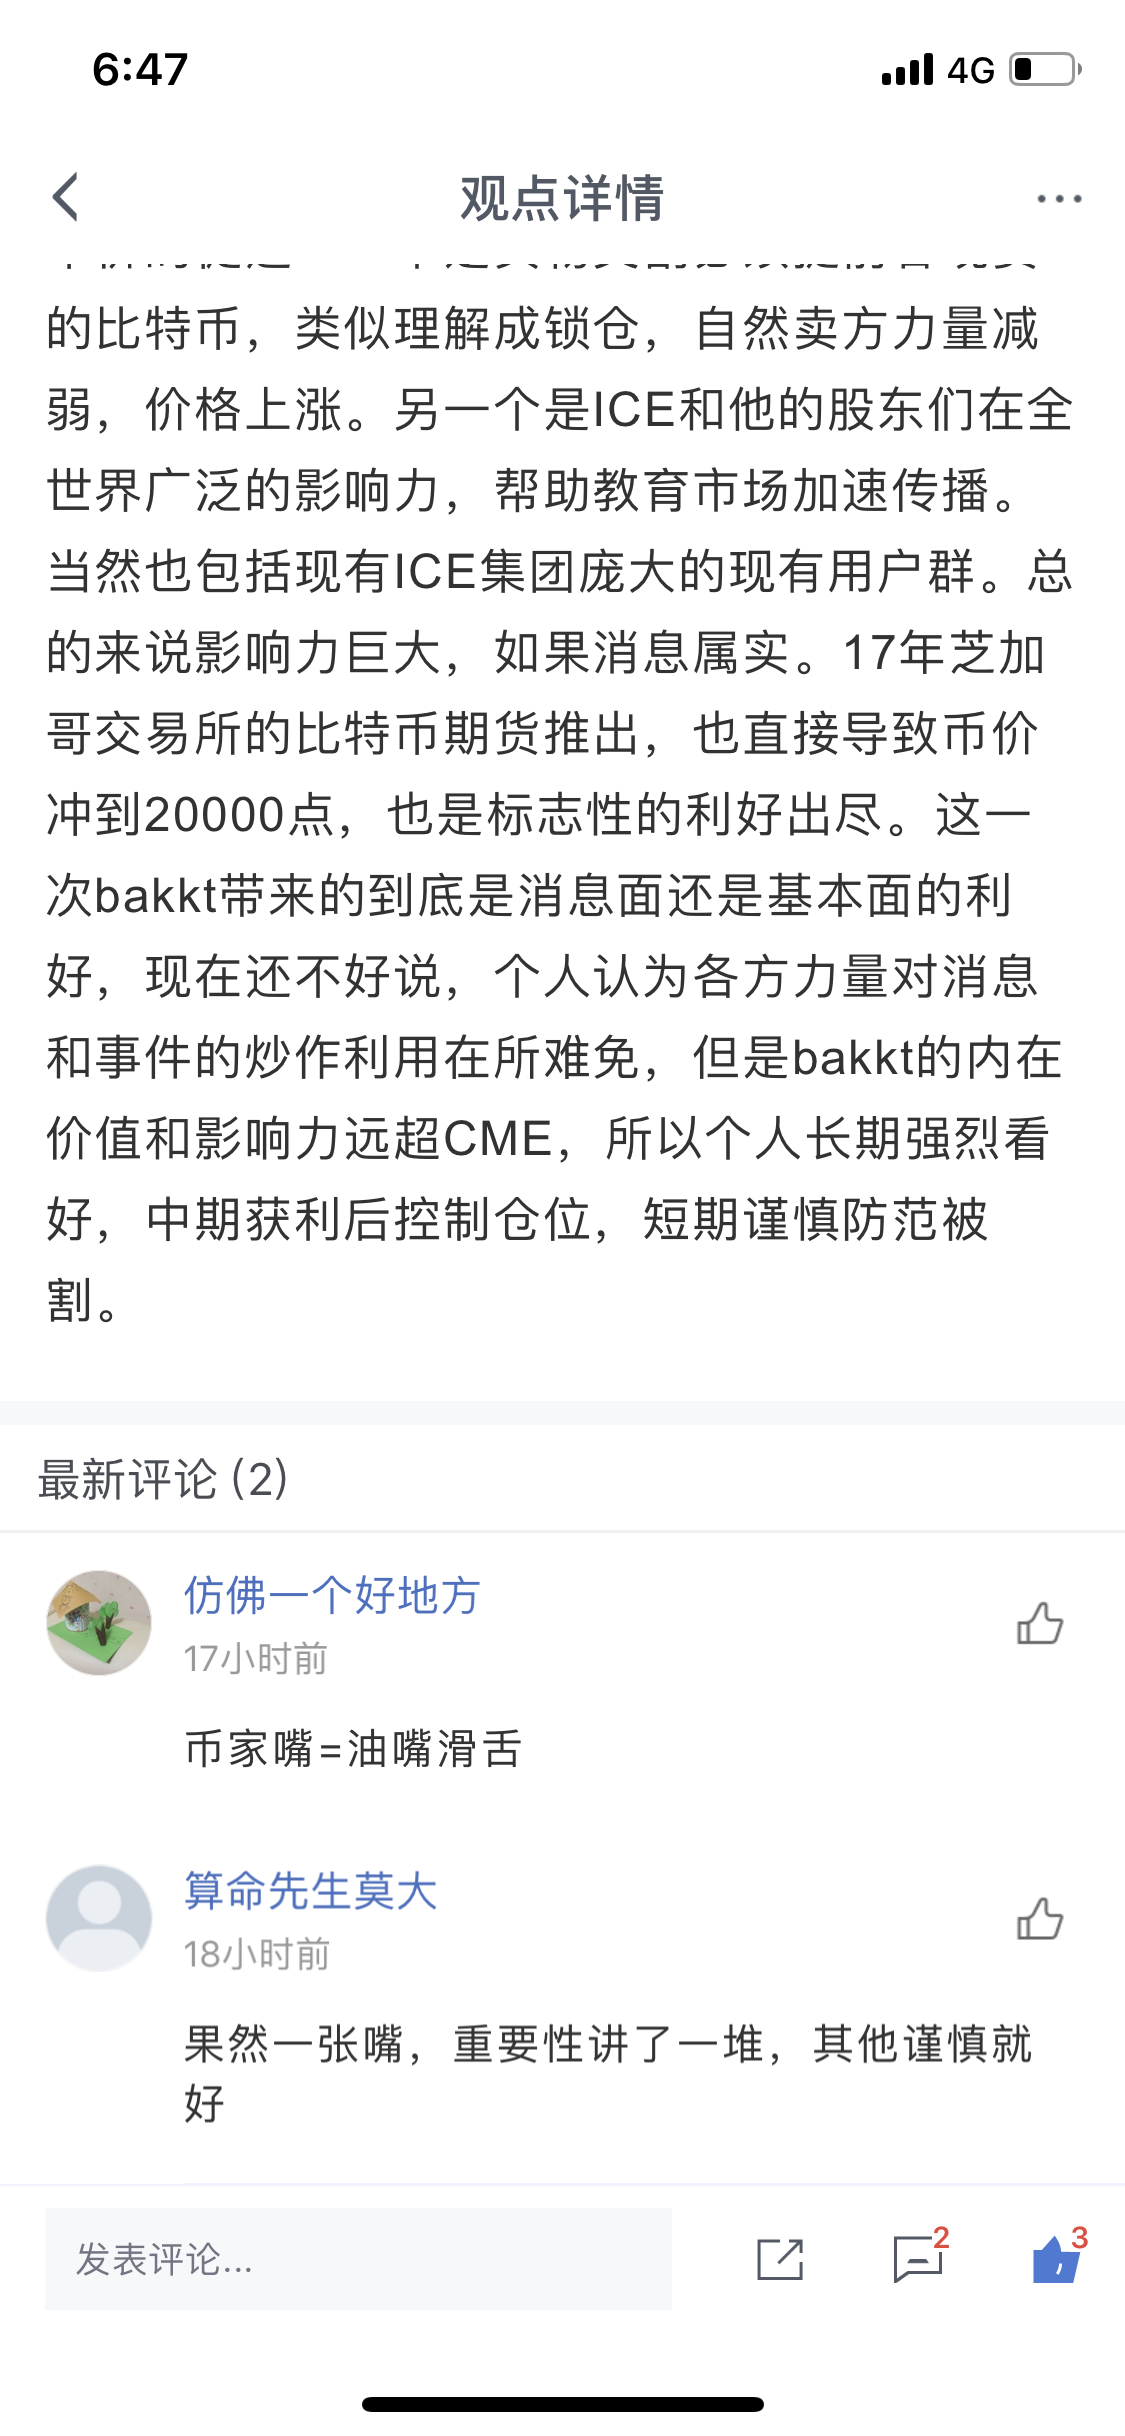 广场精选:Bakkt 并未激起狂欢,布林线中轨和日K三角形成关注焦点_aicoin_图4